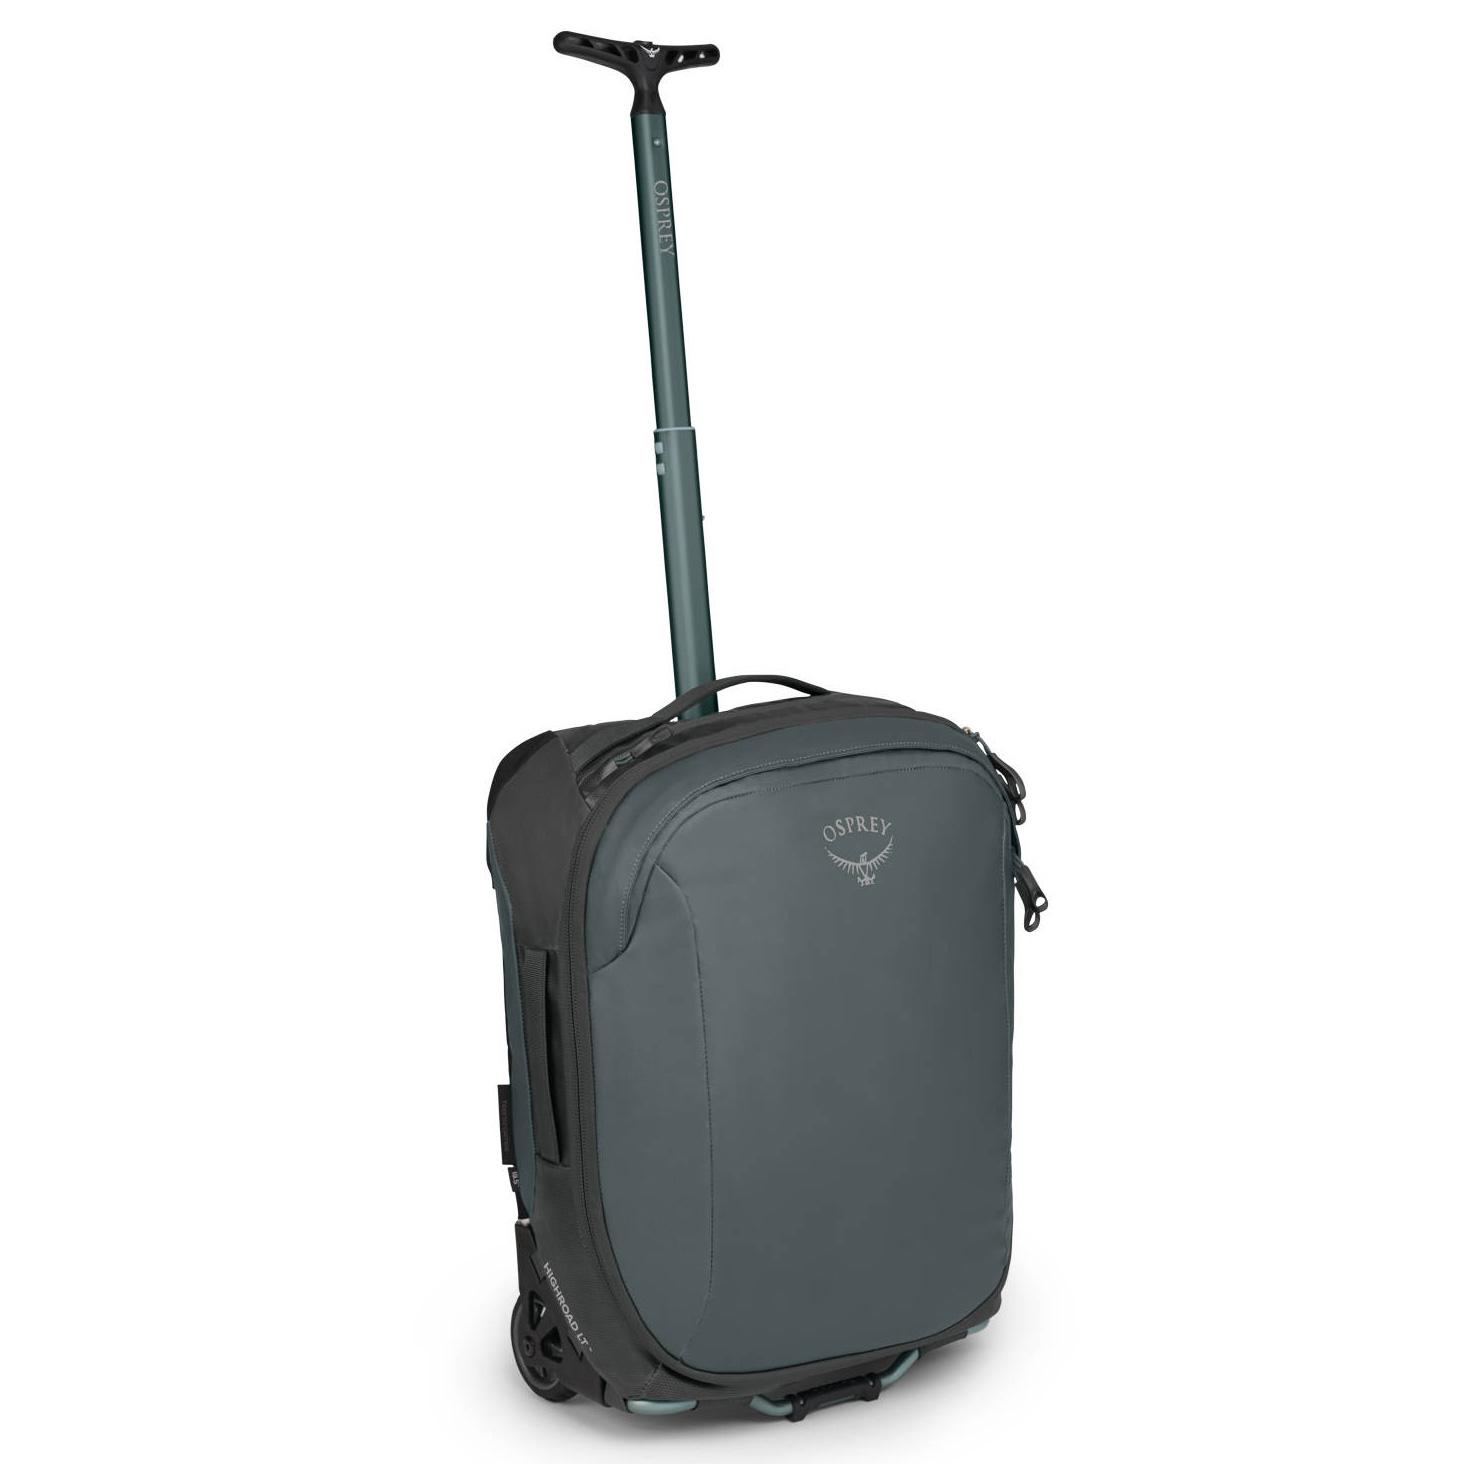 Produktbild von Osprey Rolling Transporter Global Carry-On 30 - Reisetasche - Pointbreak Grey